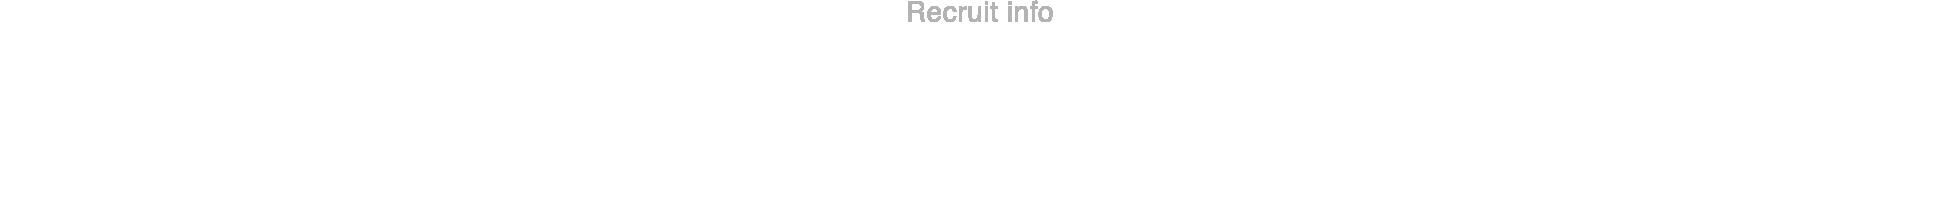 募集要項 Recruit info